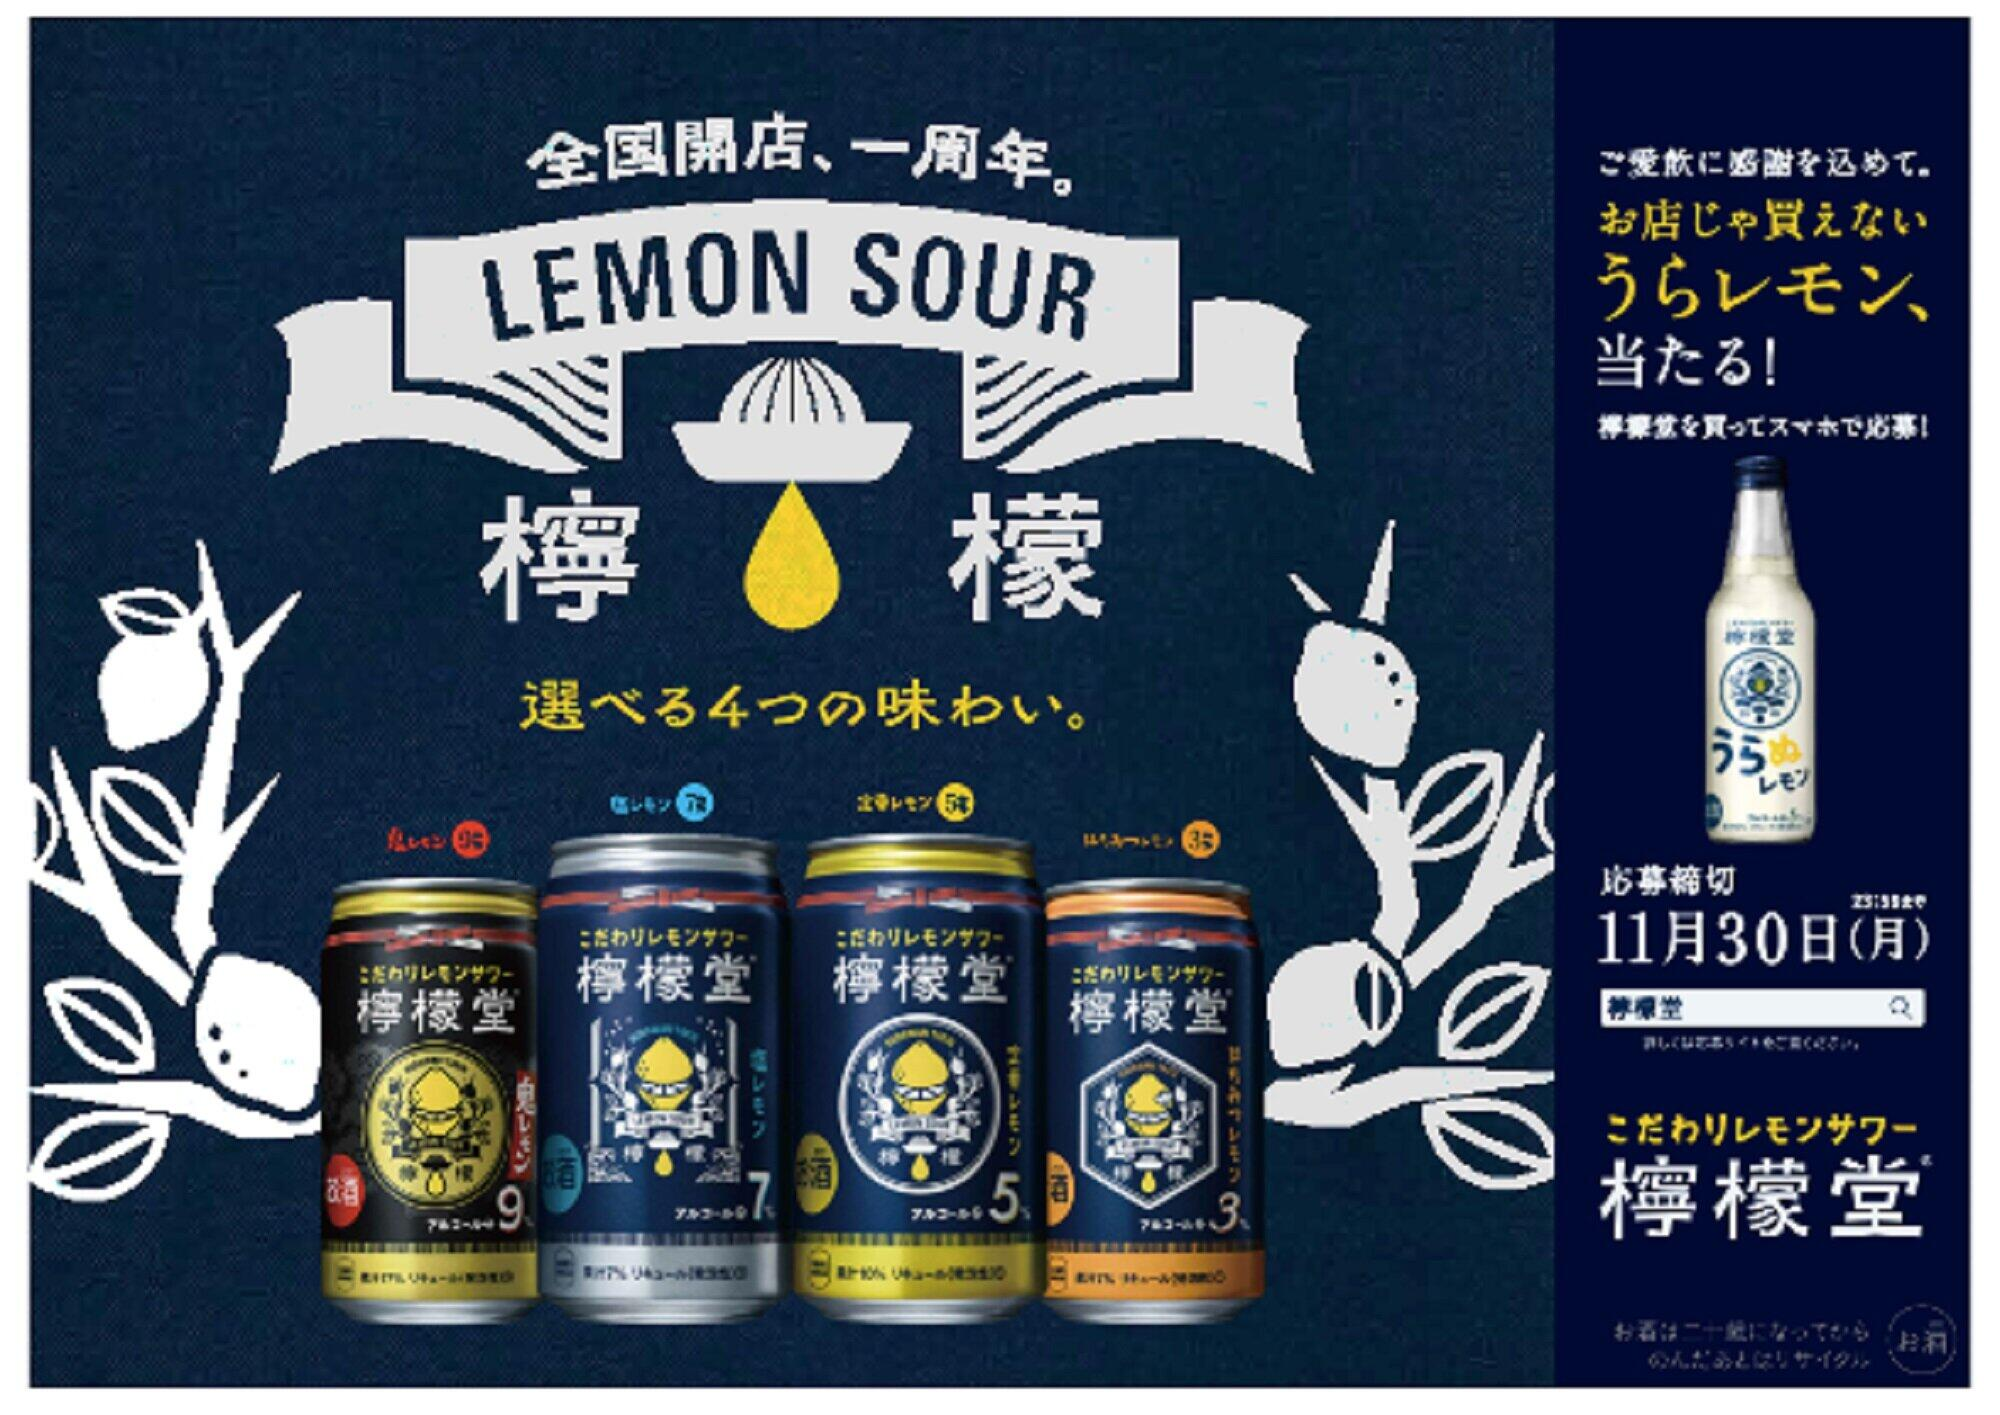 現在開催中の「檸檬堂・うらレモン」(非売品)が当たるキャンペーン